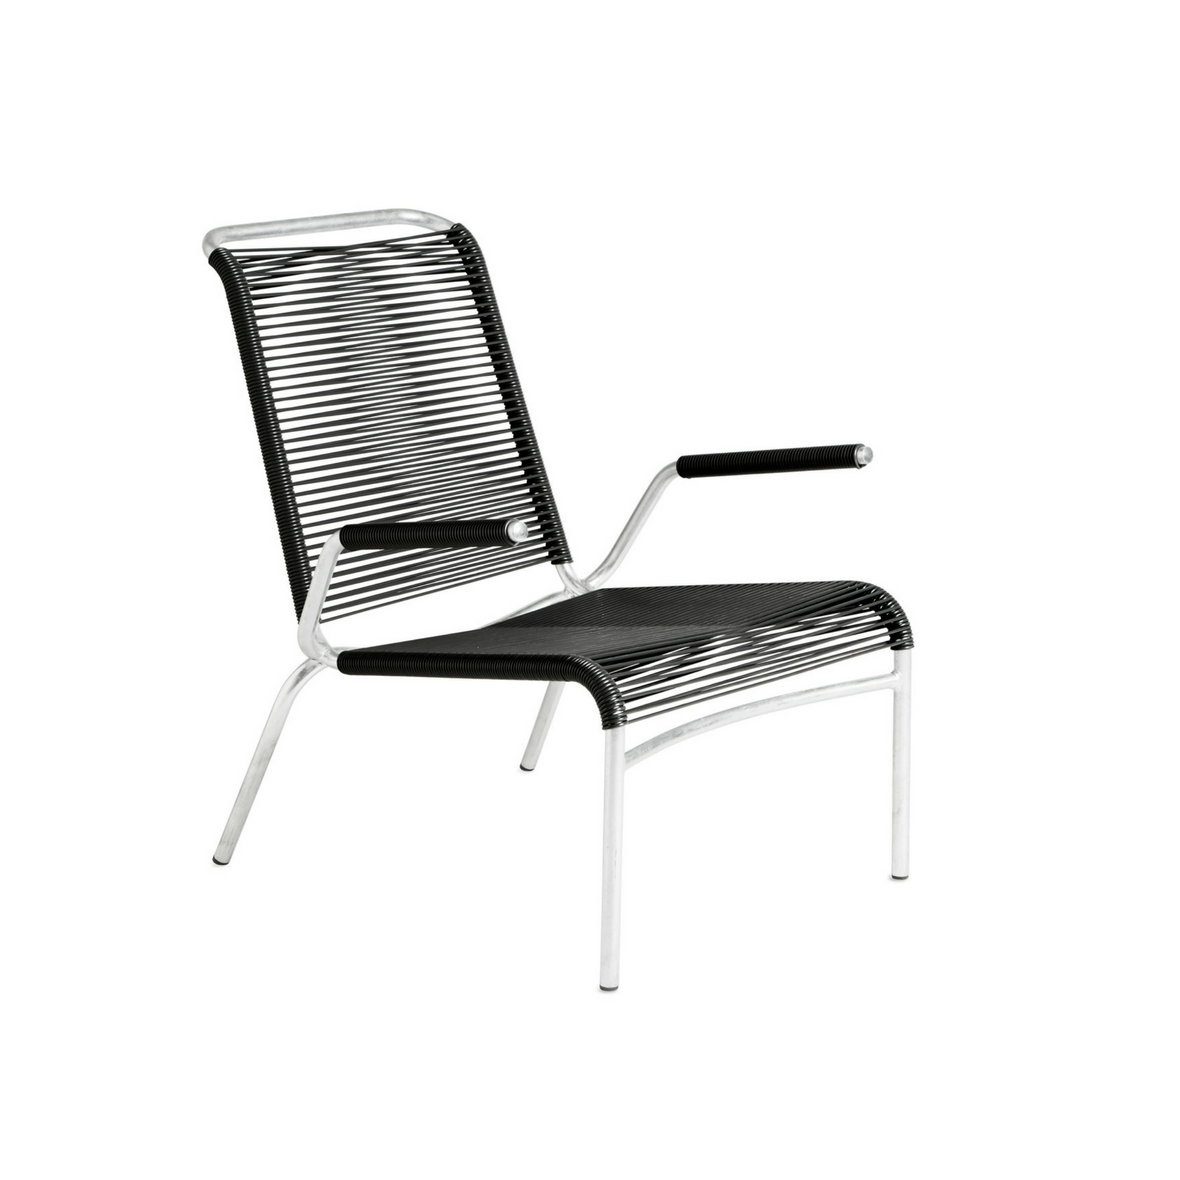 Altorfer Lounge Sessel 1142 mit Armlehne Graphitschwarz Metalissé von Embru